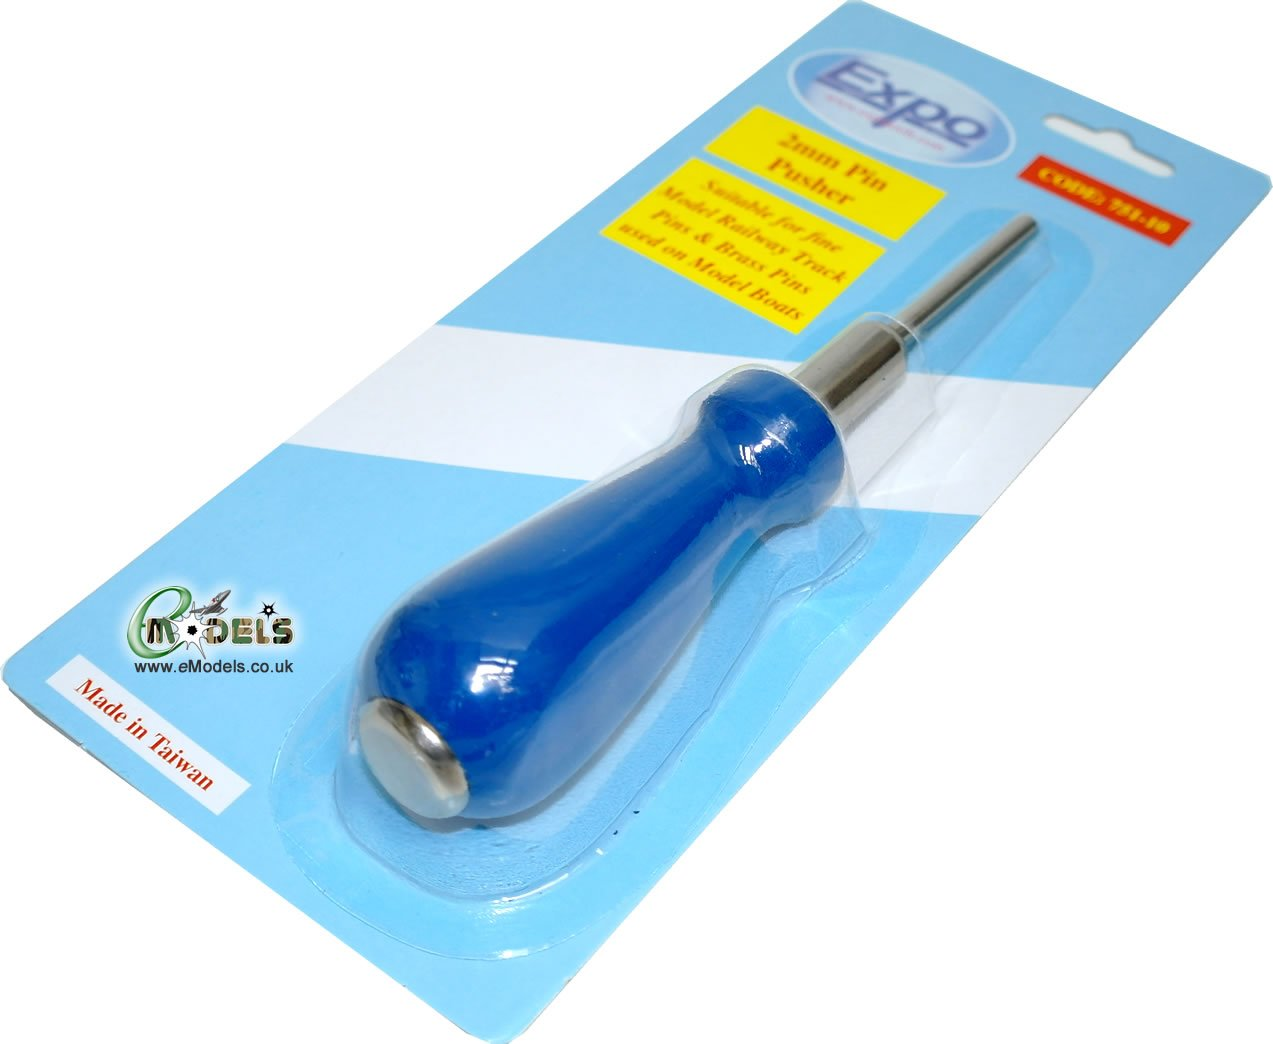 Draper pin setting tool